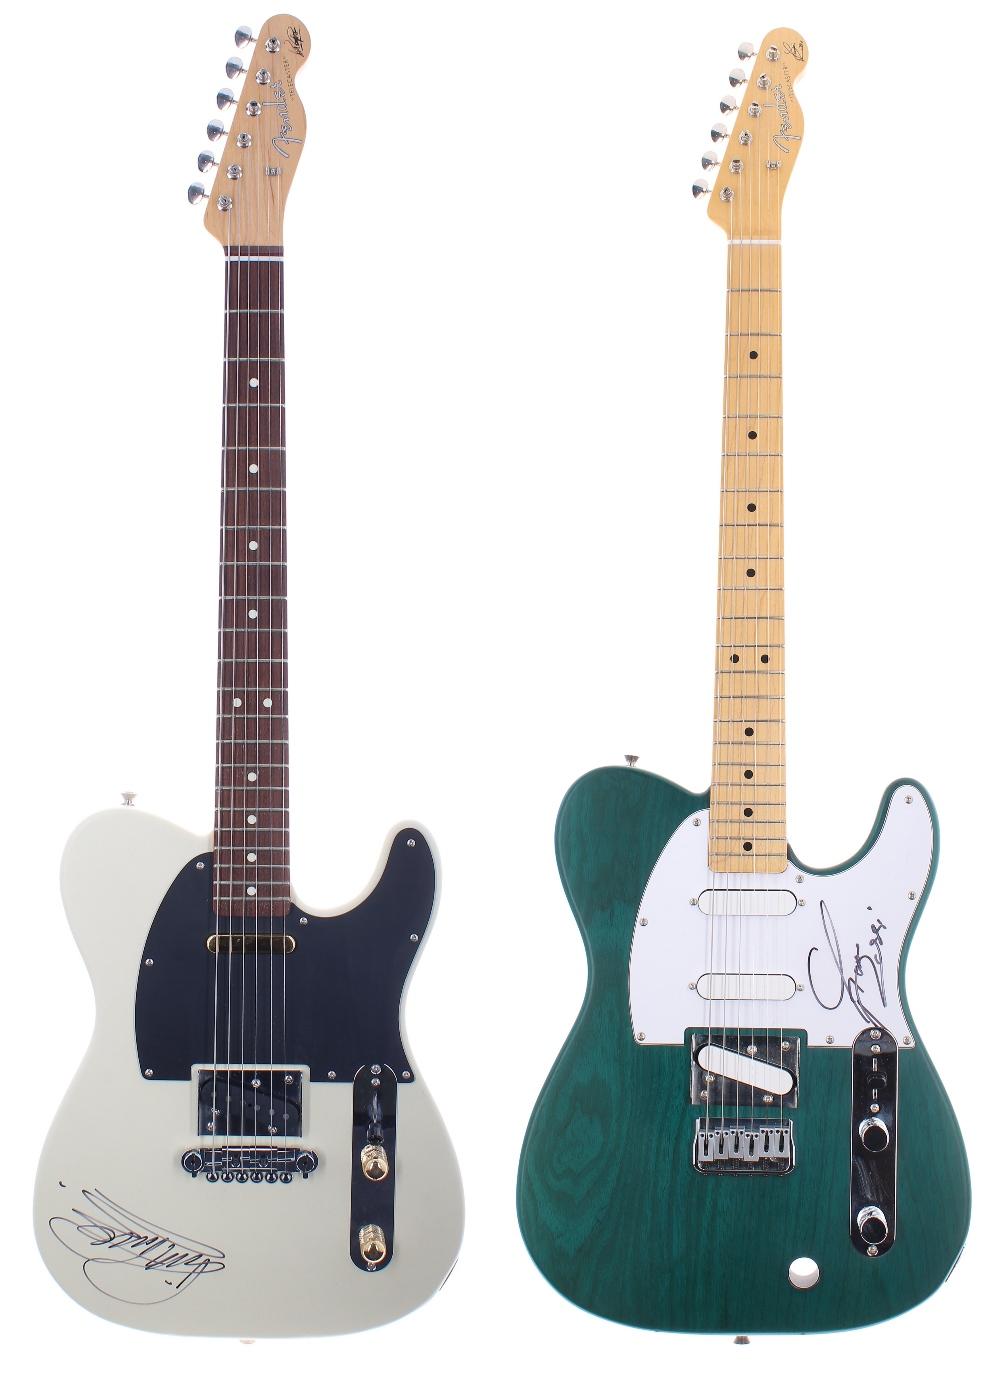 Status Quo - Francis Rossi and Rick Parfitt Signature Edition Fender Telecaster electric guitars,